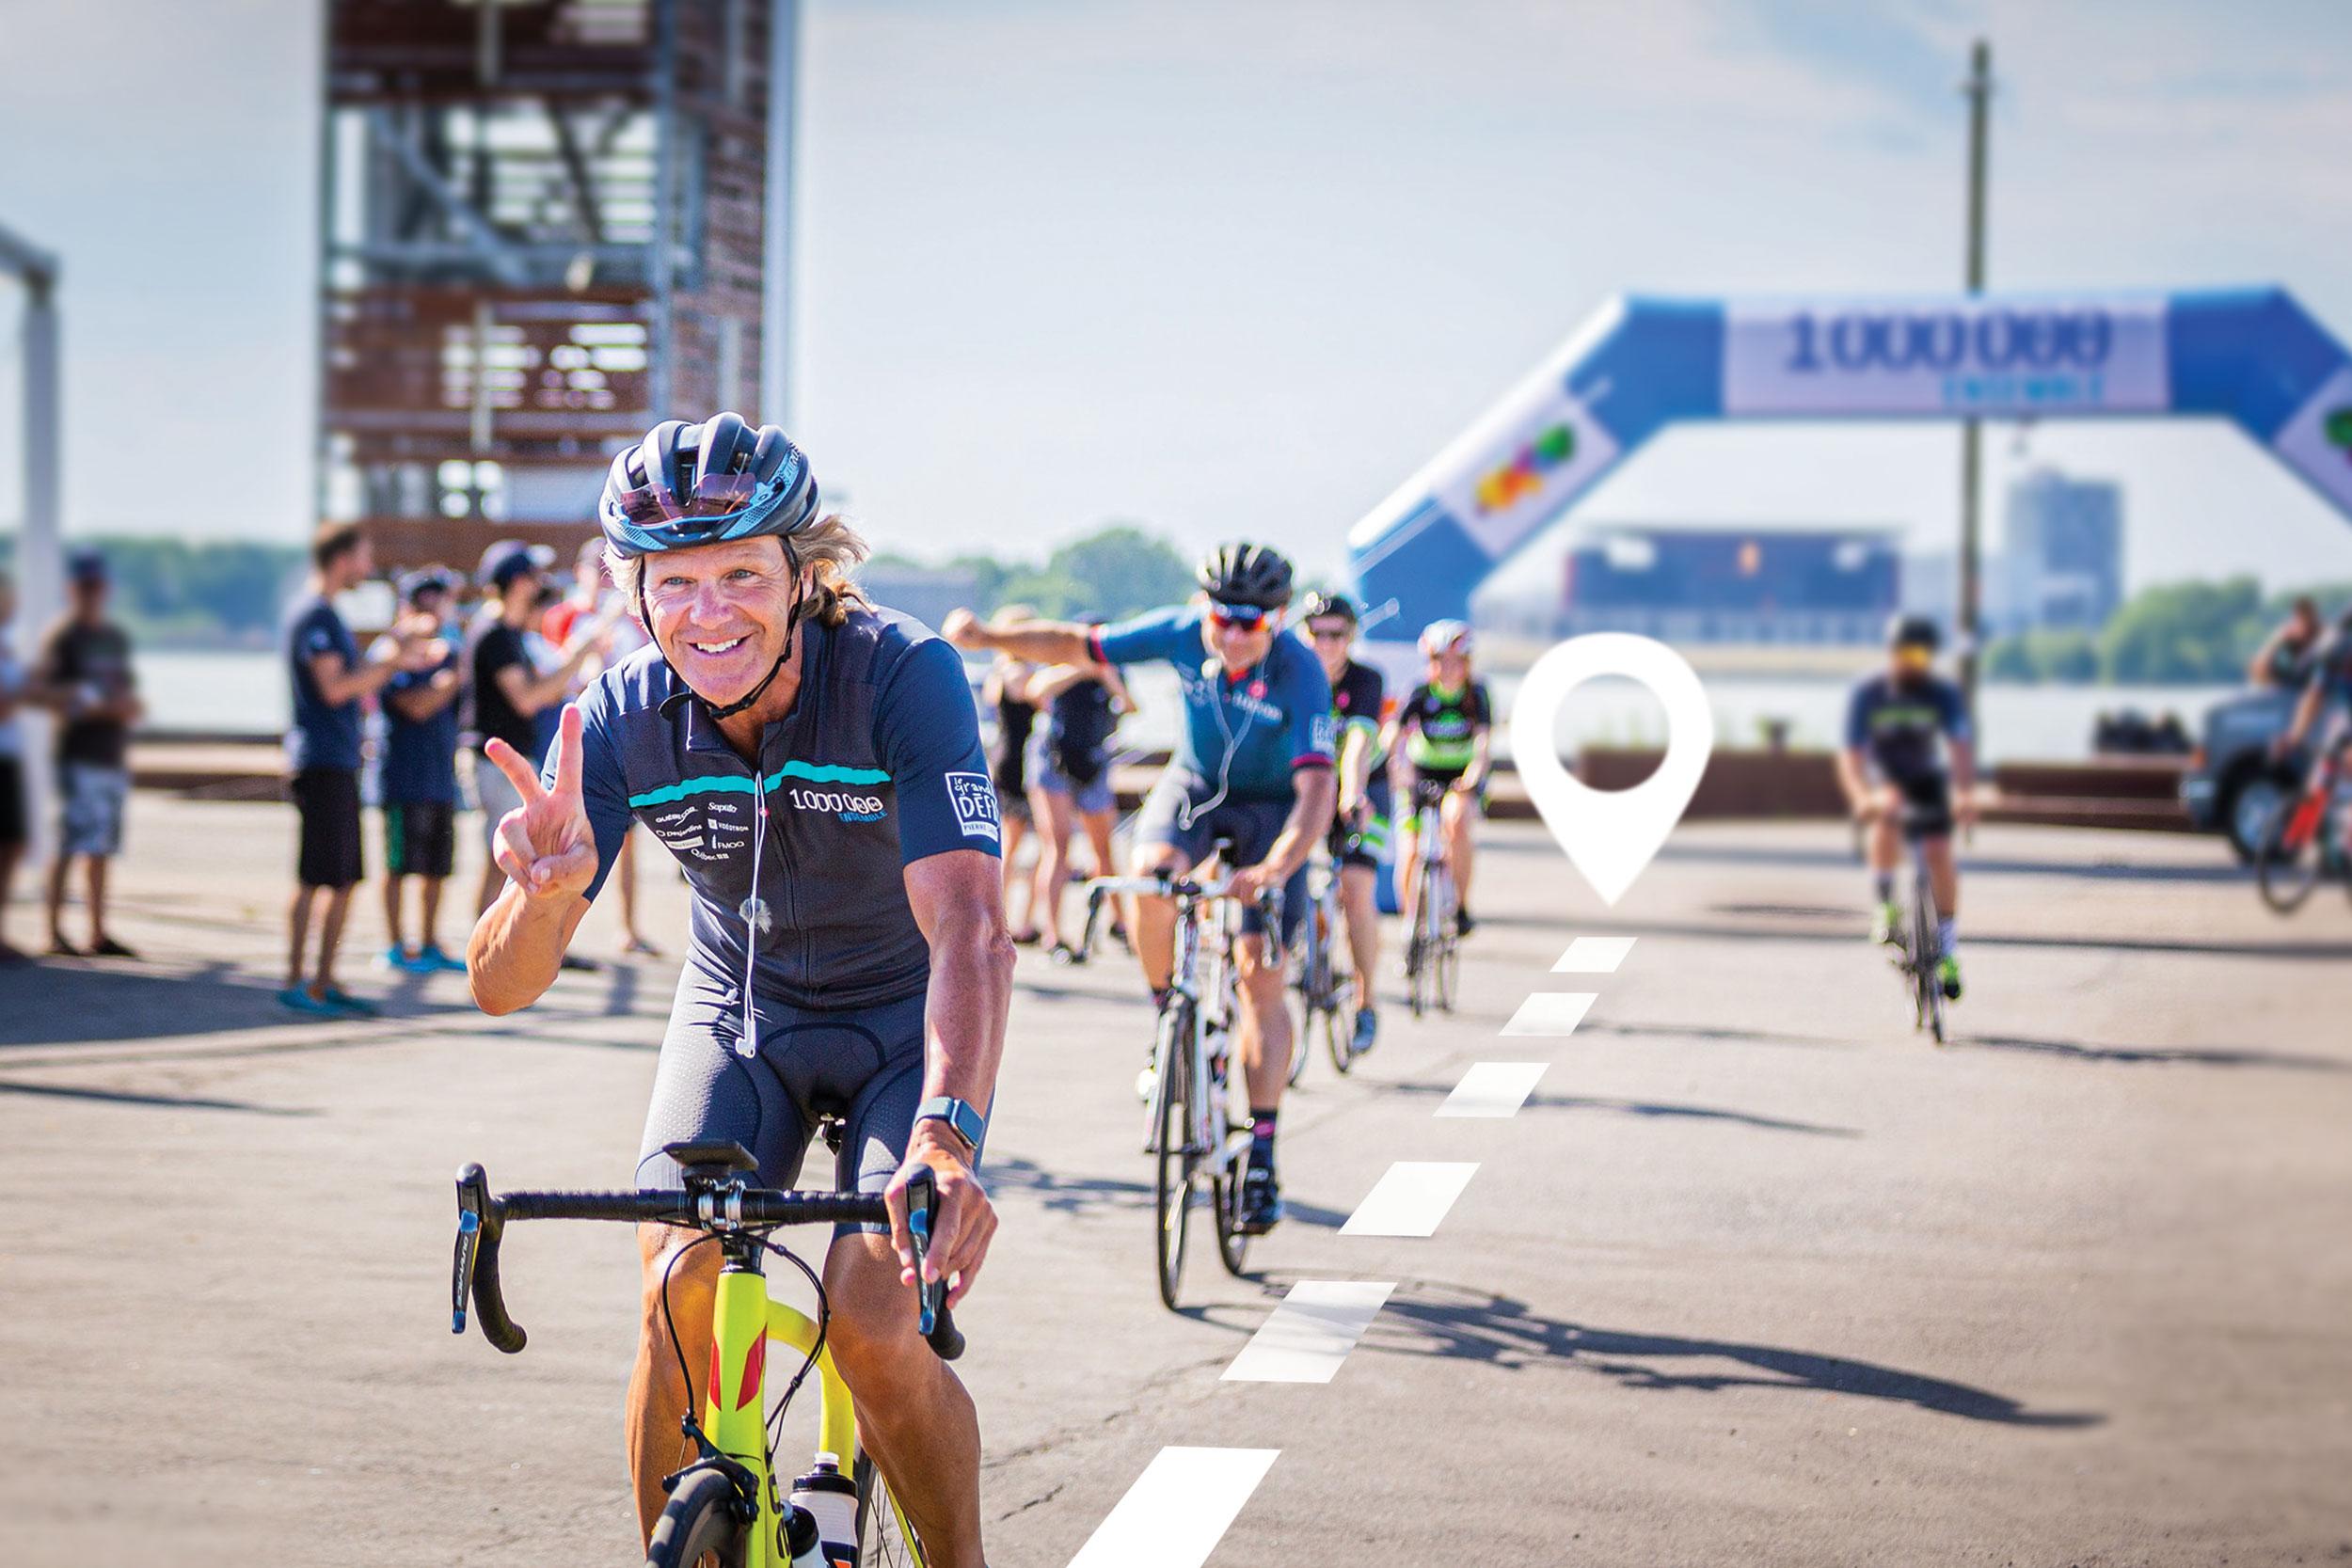 Grand défi Pierre Lavoie : Plus de 13 000 kilomètres parcourus au CSSDM!